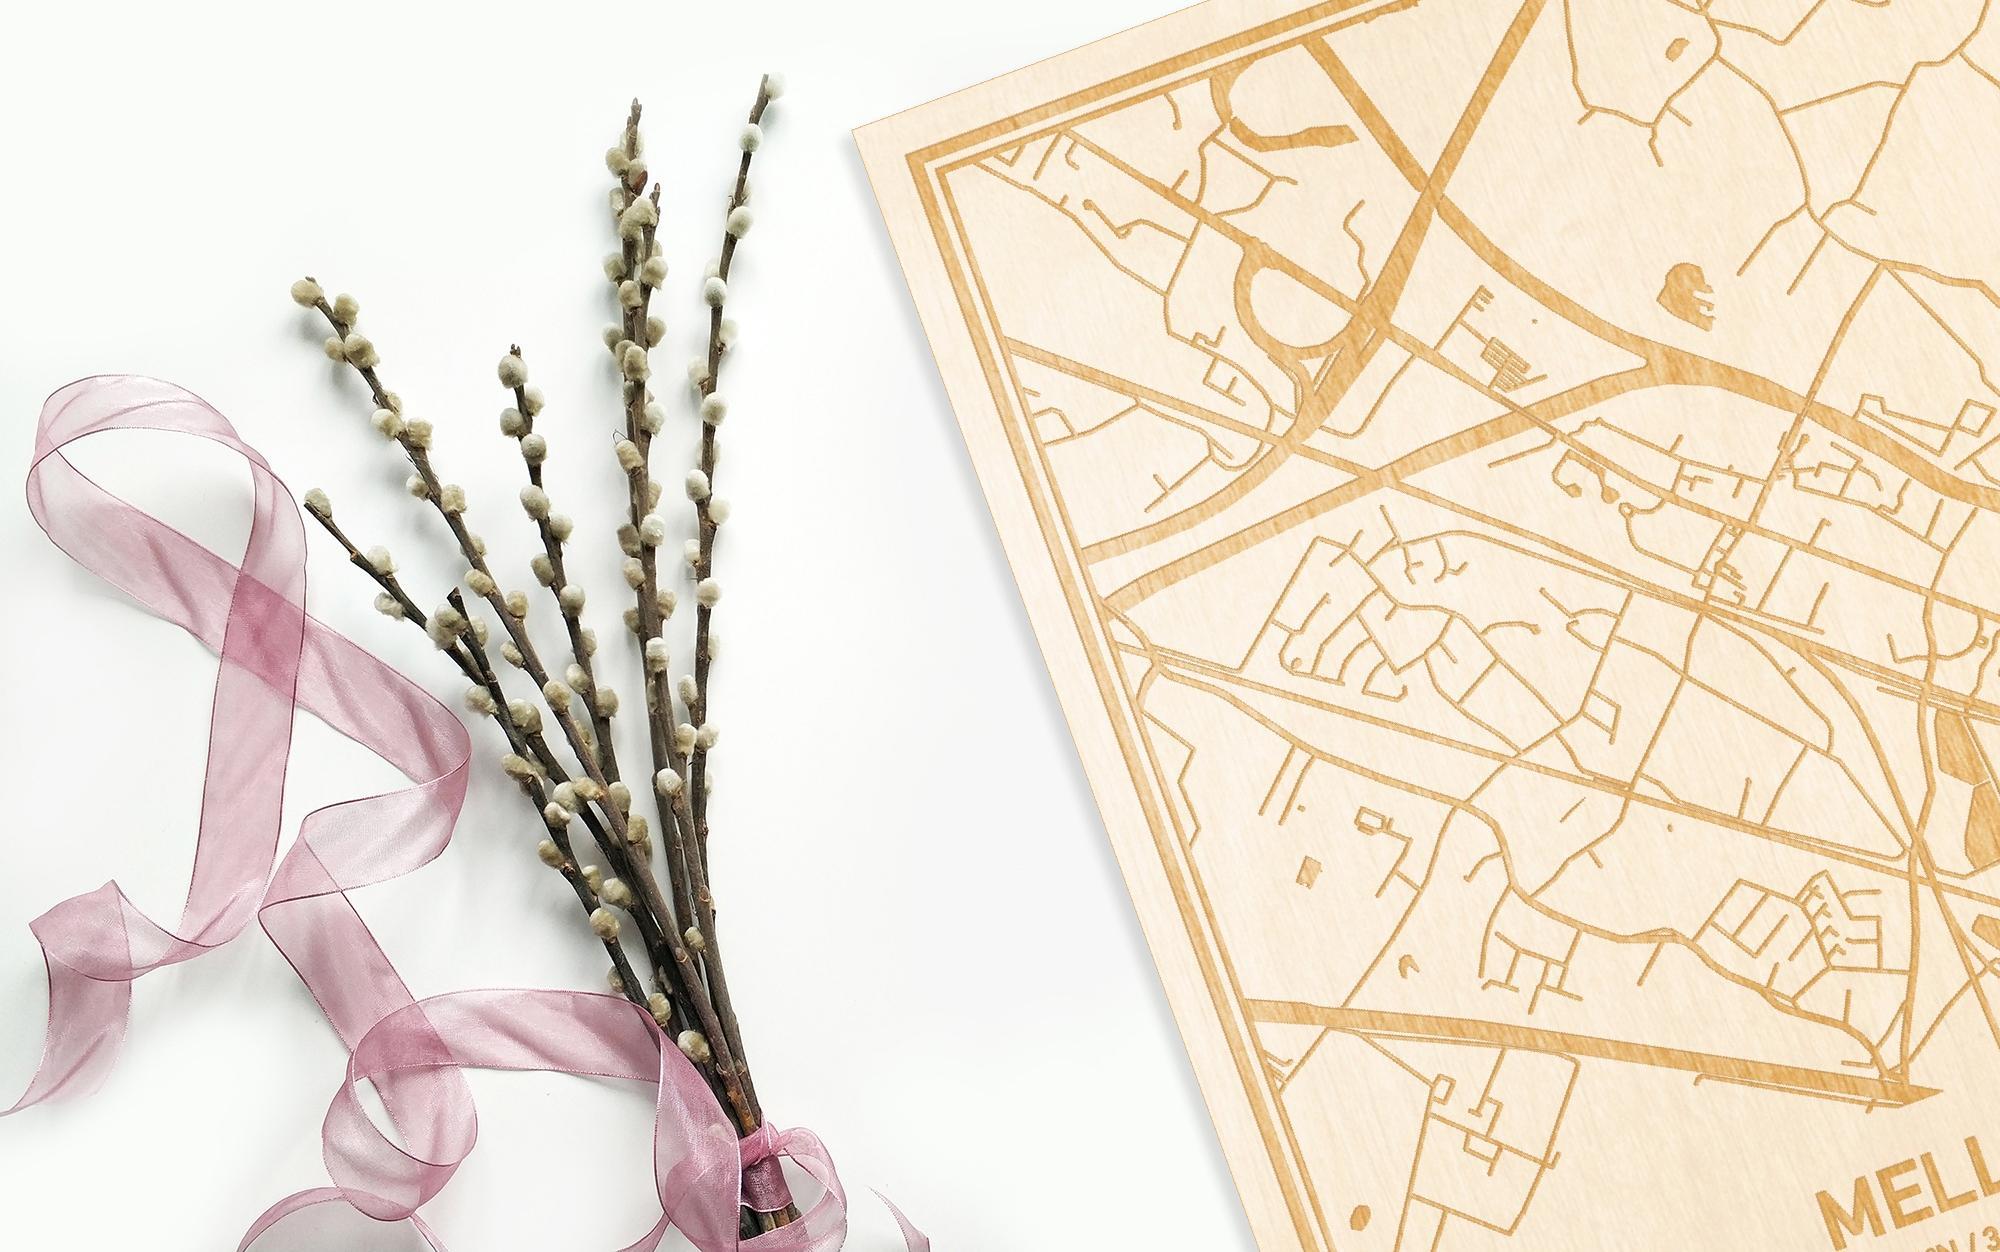 Hier ligt de houten plattegrond Melle naast een bloemetje als gepersonaliseerd cadeau voor haar.